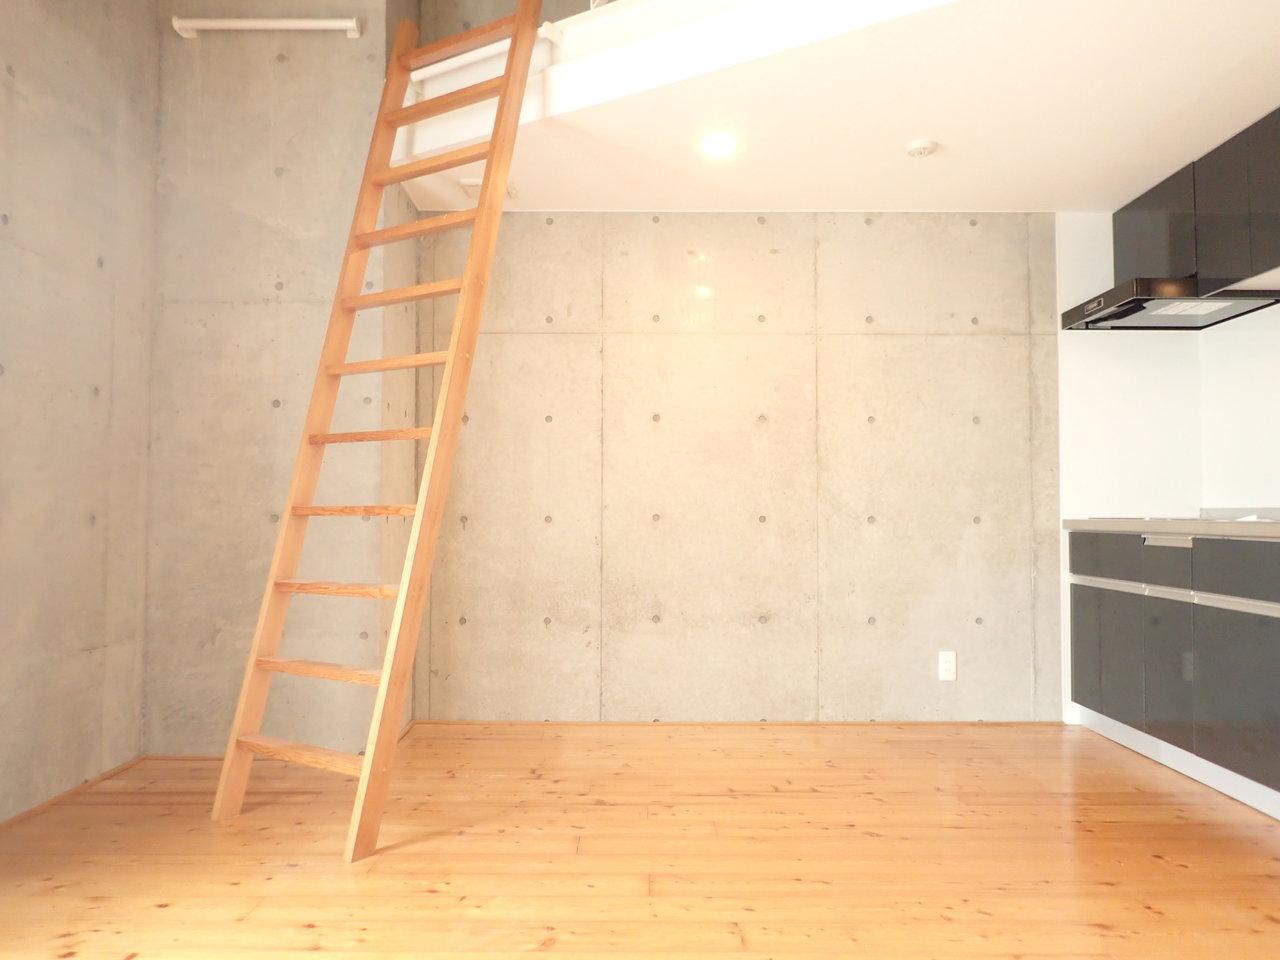 間取りはワンルームですが、ロフトがあり使えるスぺースが多いので、広めに感じられるお部屋です。ロフトの分、天井が高いこともあり、かなり開放的な造りになっています。